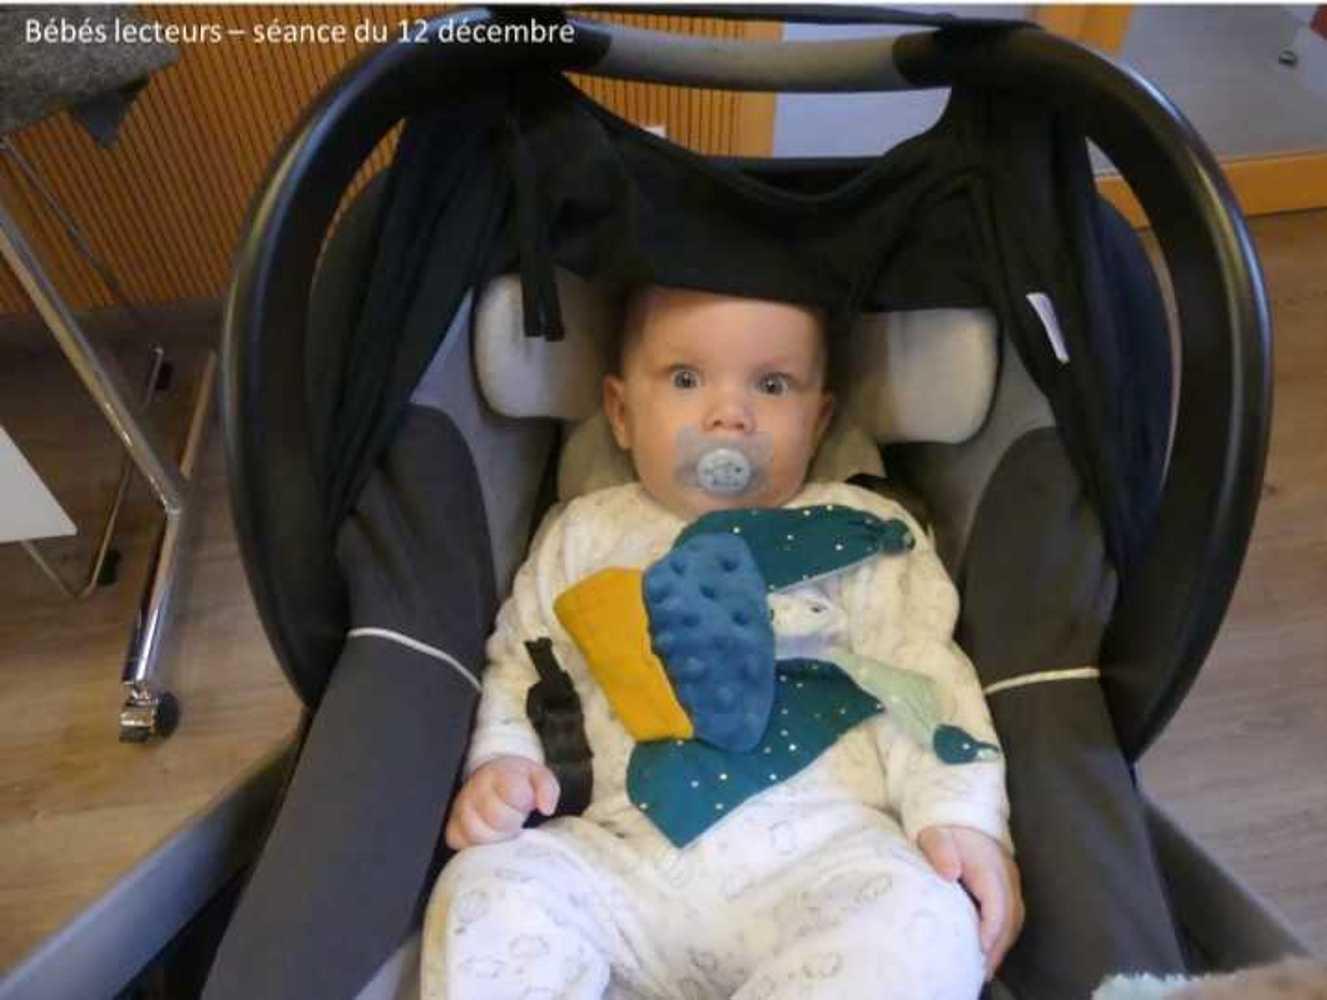 Photos et vidéo de la séance des bébés lecteurs du 12 décembre image9